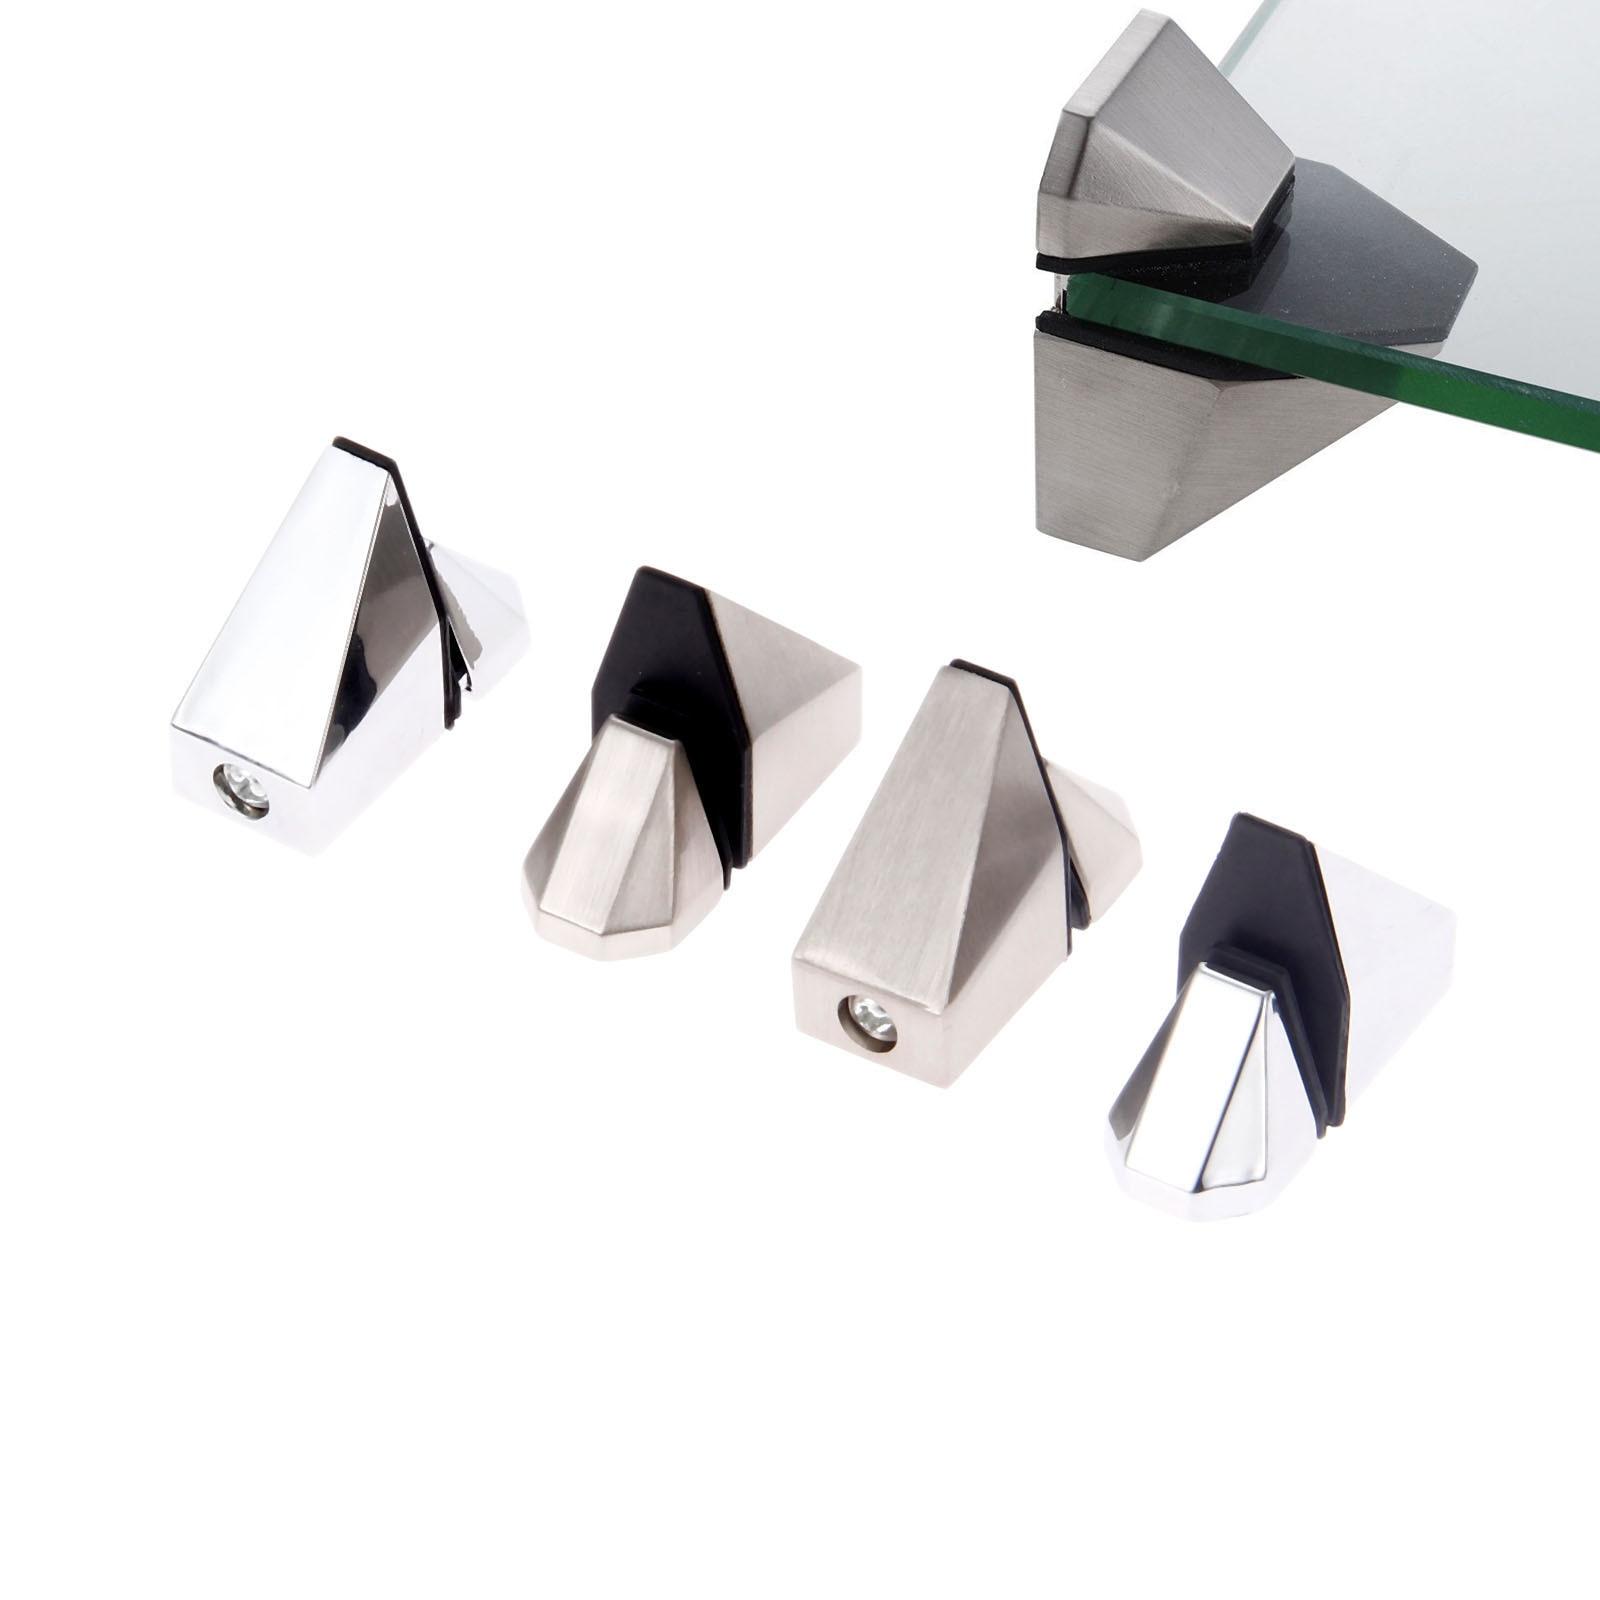 2 шт. стеклянный зажим металлический Регулируемый Деревянный/стеклянный